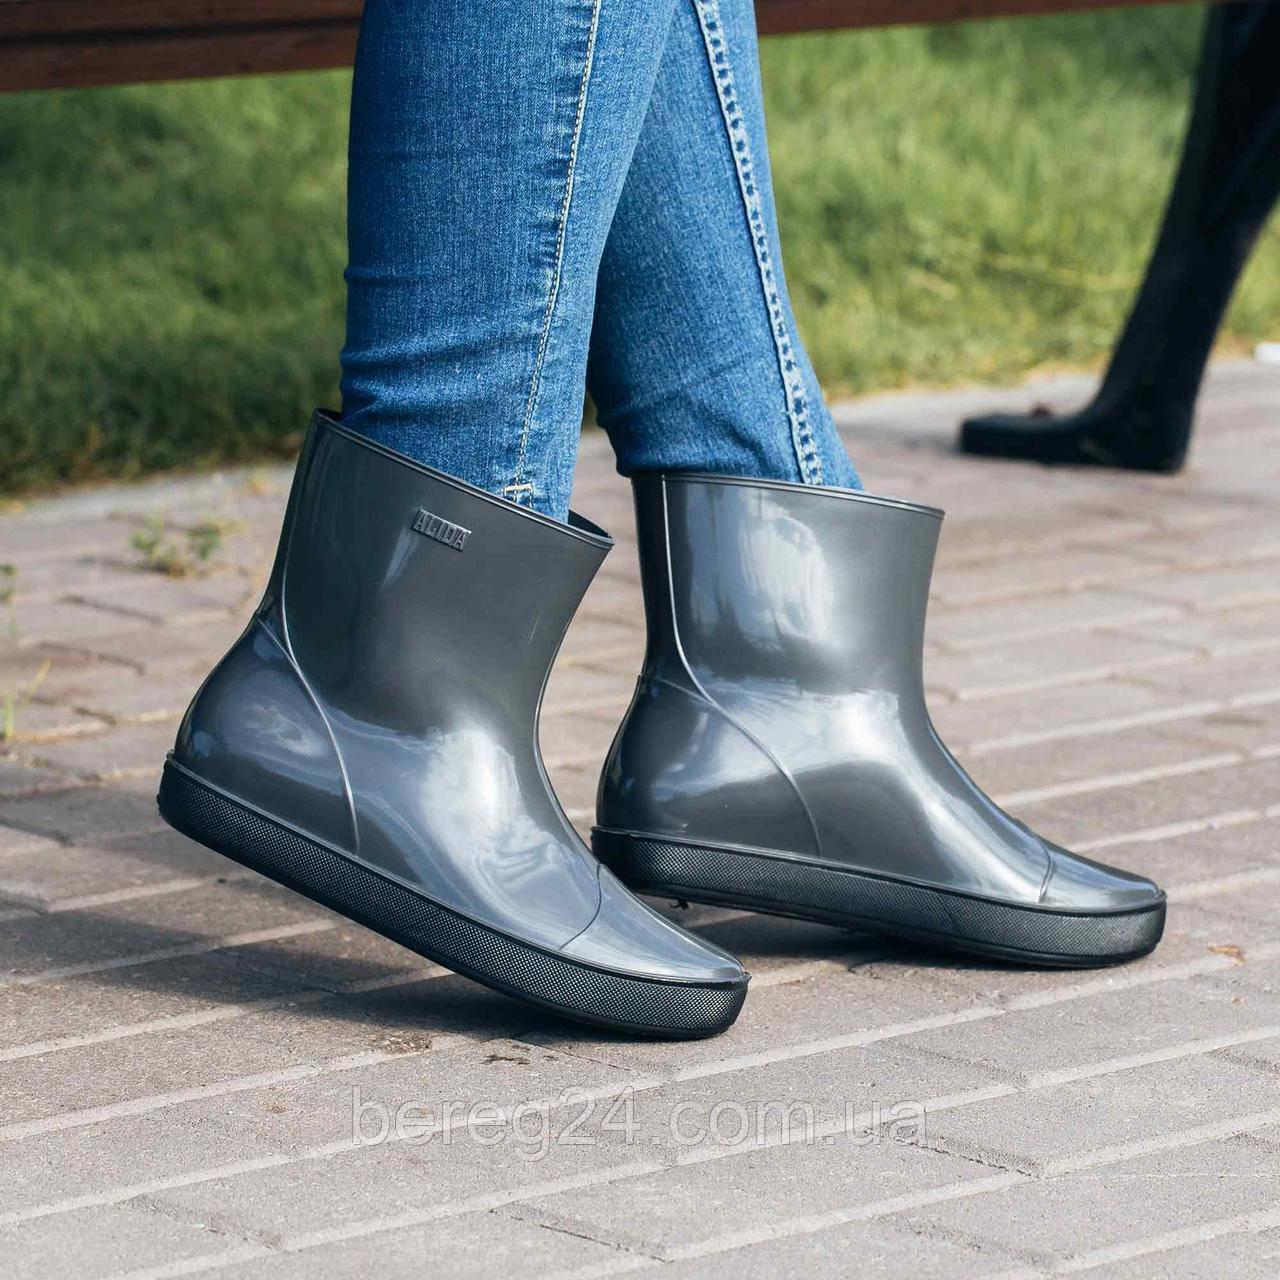 Женские резиновые сапоги (ботинки, ботильоны) Nordman Alida (Алида) серые. Размер 41